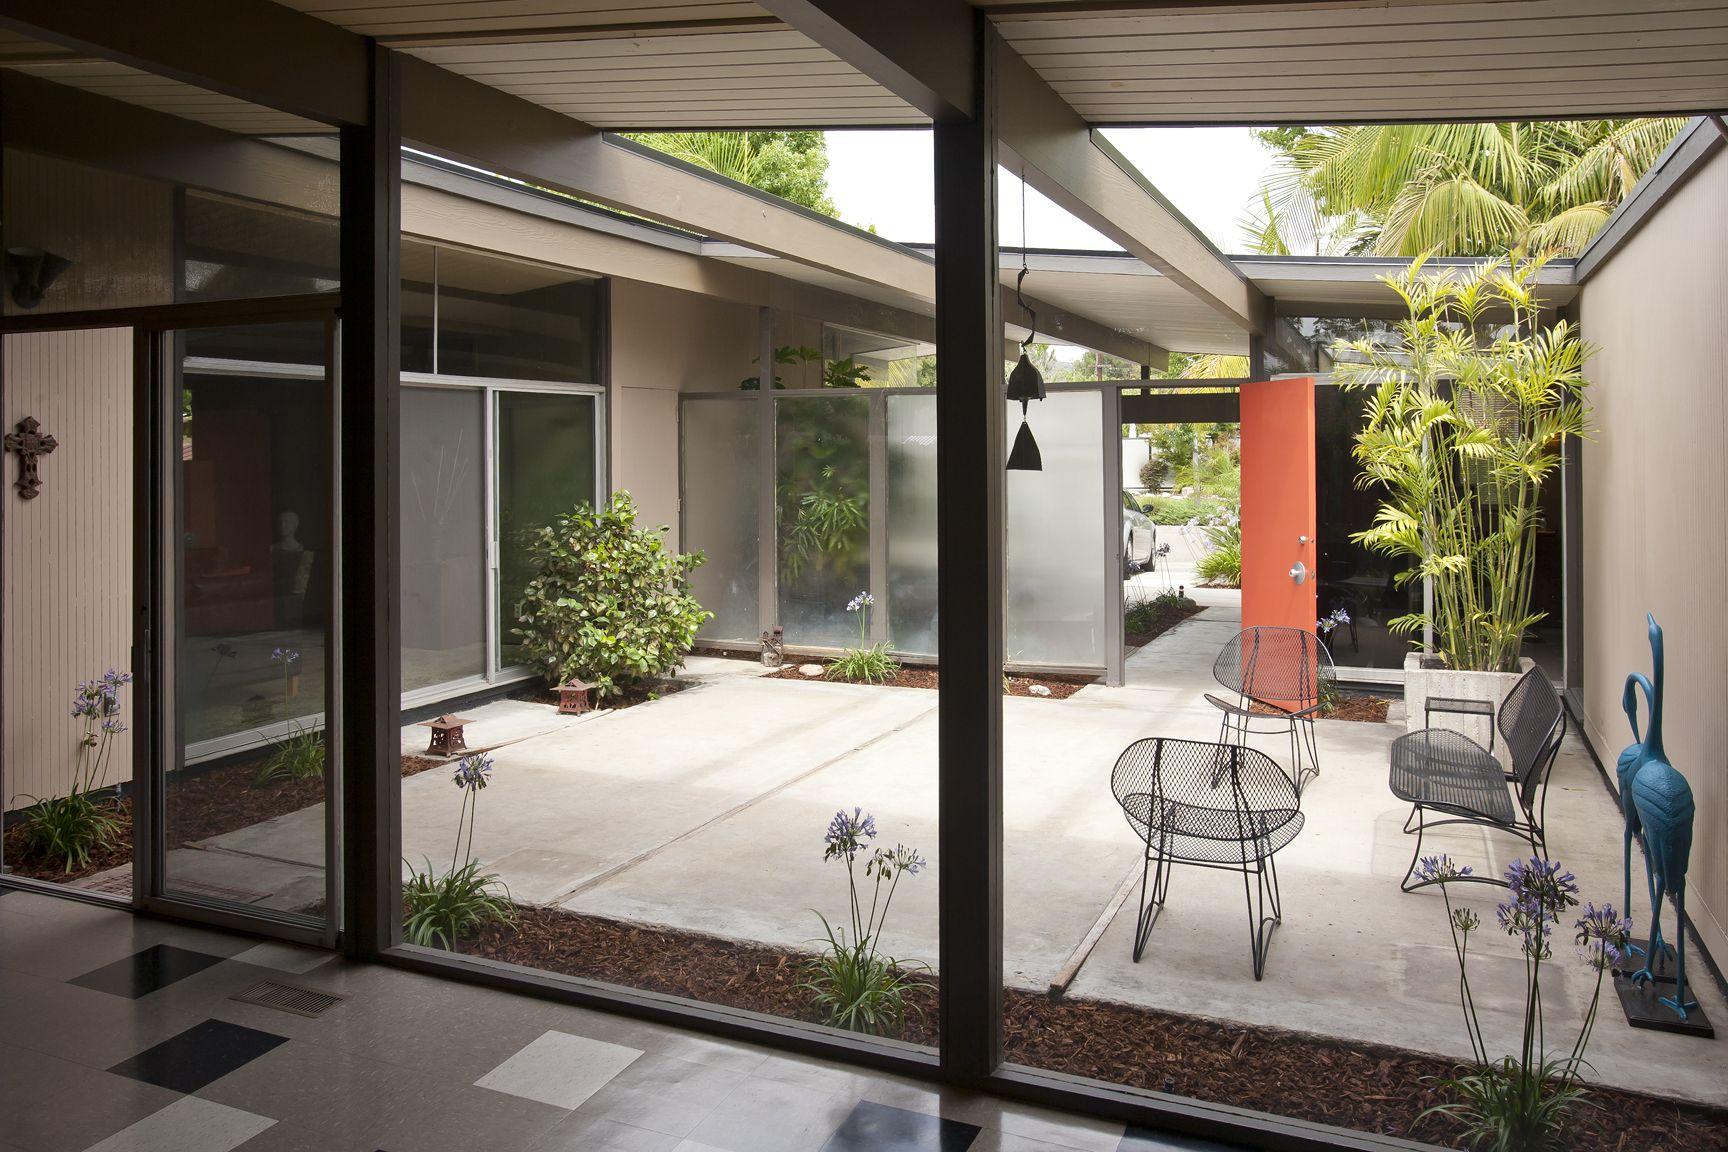 880 S. WOODLAND ST | Eichler homes, Modern courtyard ...